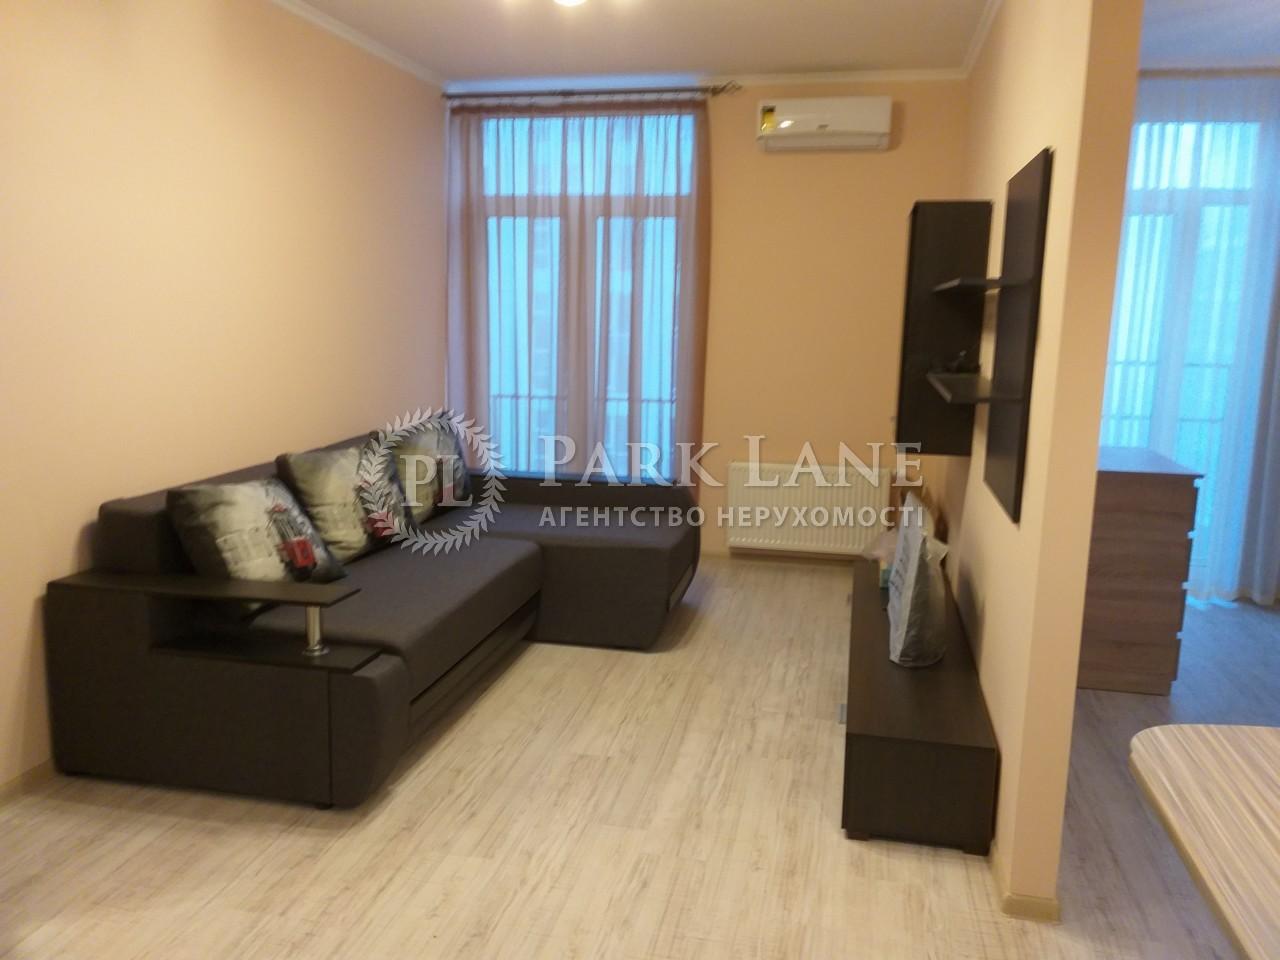 Квартира ул. Регенераторная, 4 корпус 14, Киев, R-23709 - Фото 3